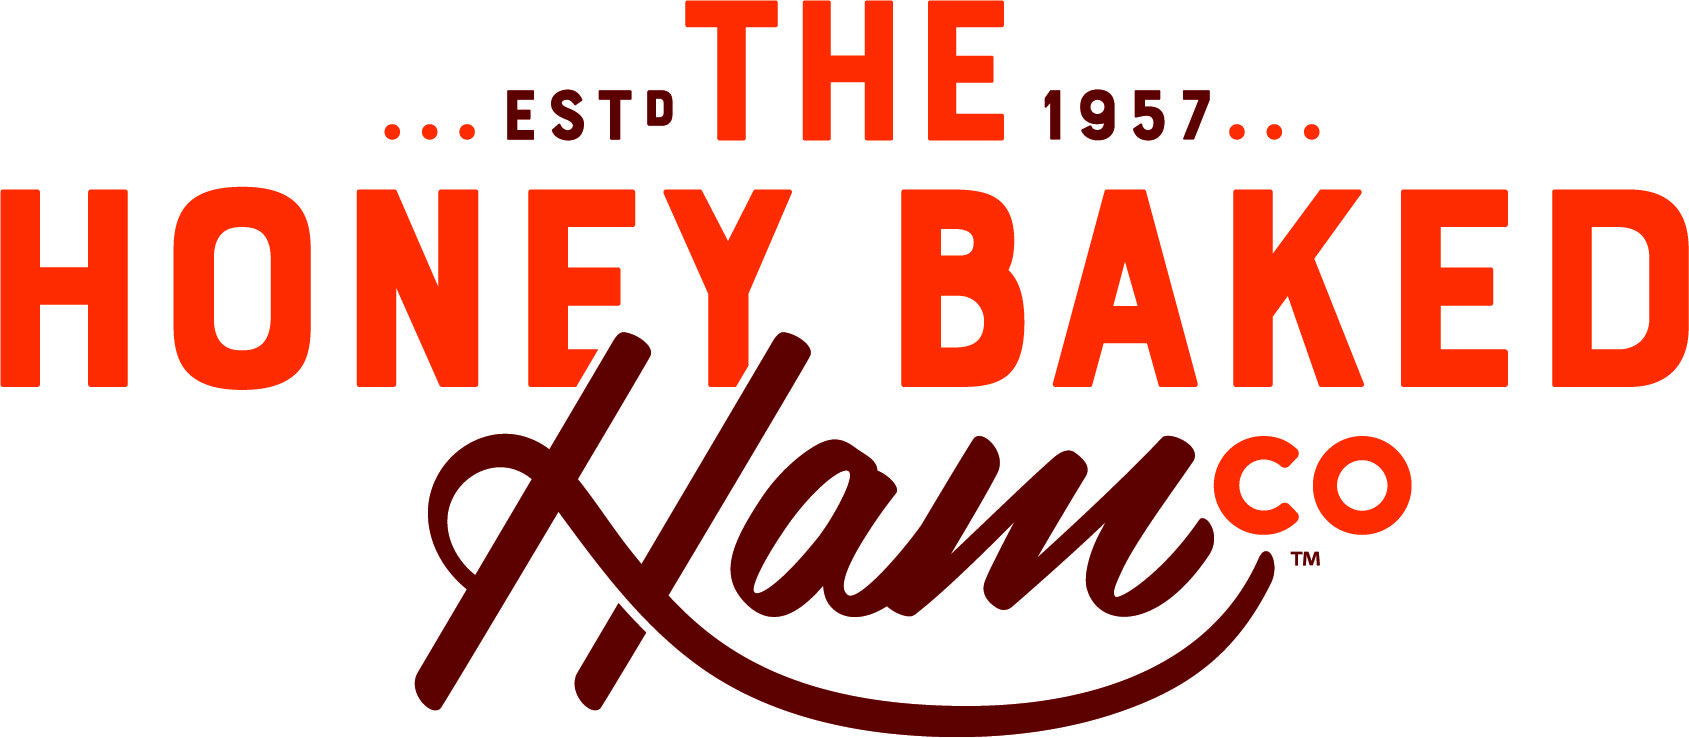 Honey Baked Ham Company & Cafe